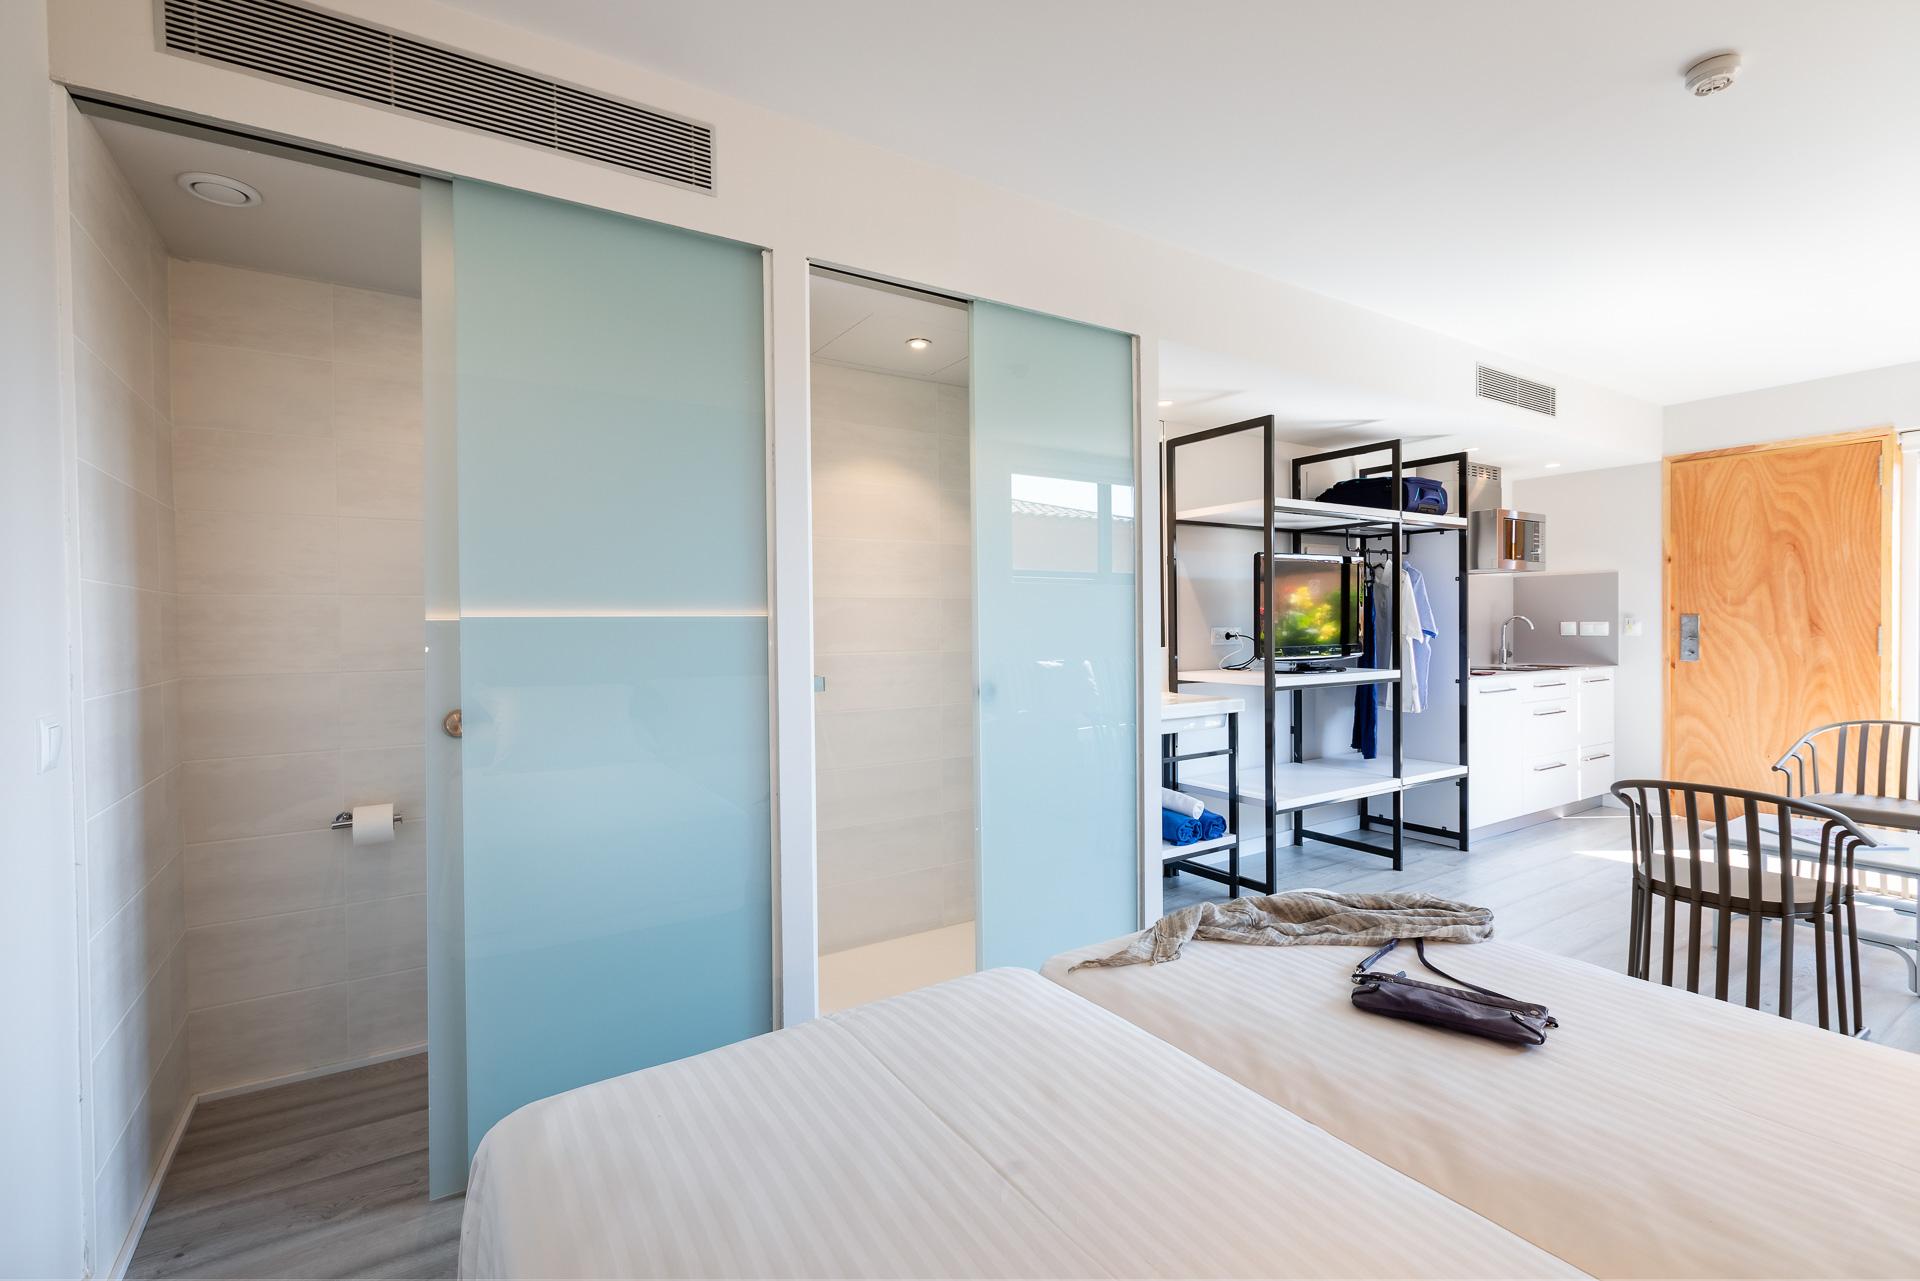 Bungalow À Pals, Costa Brava, Espagne | Apartaments Golf tout Bungalow De Jardin Design